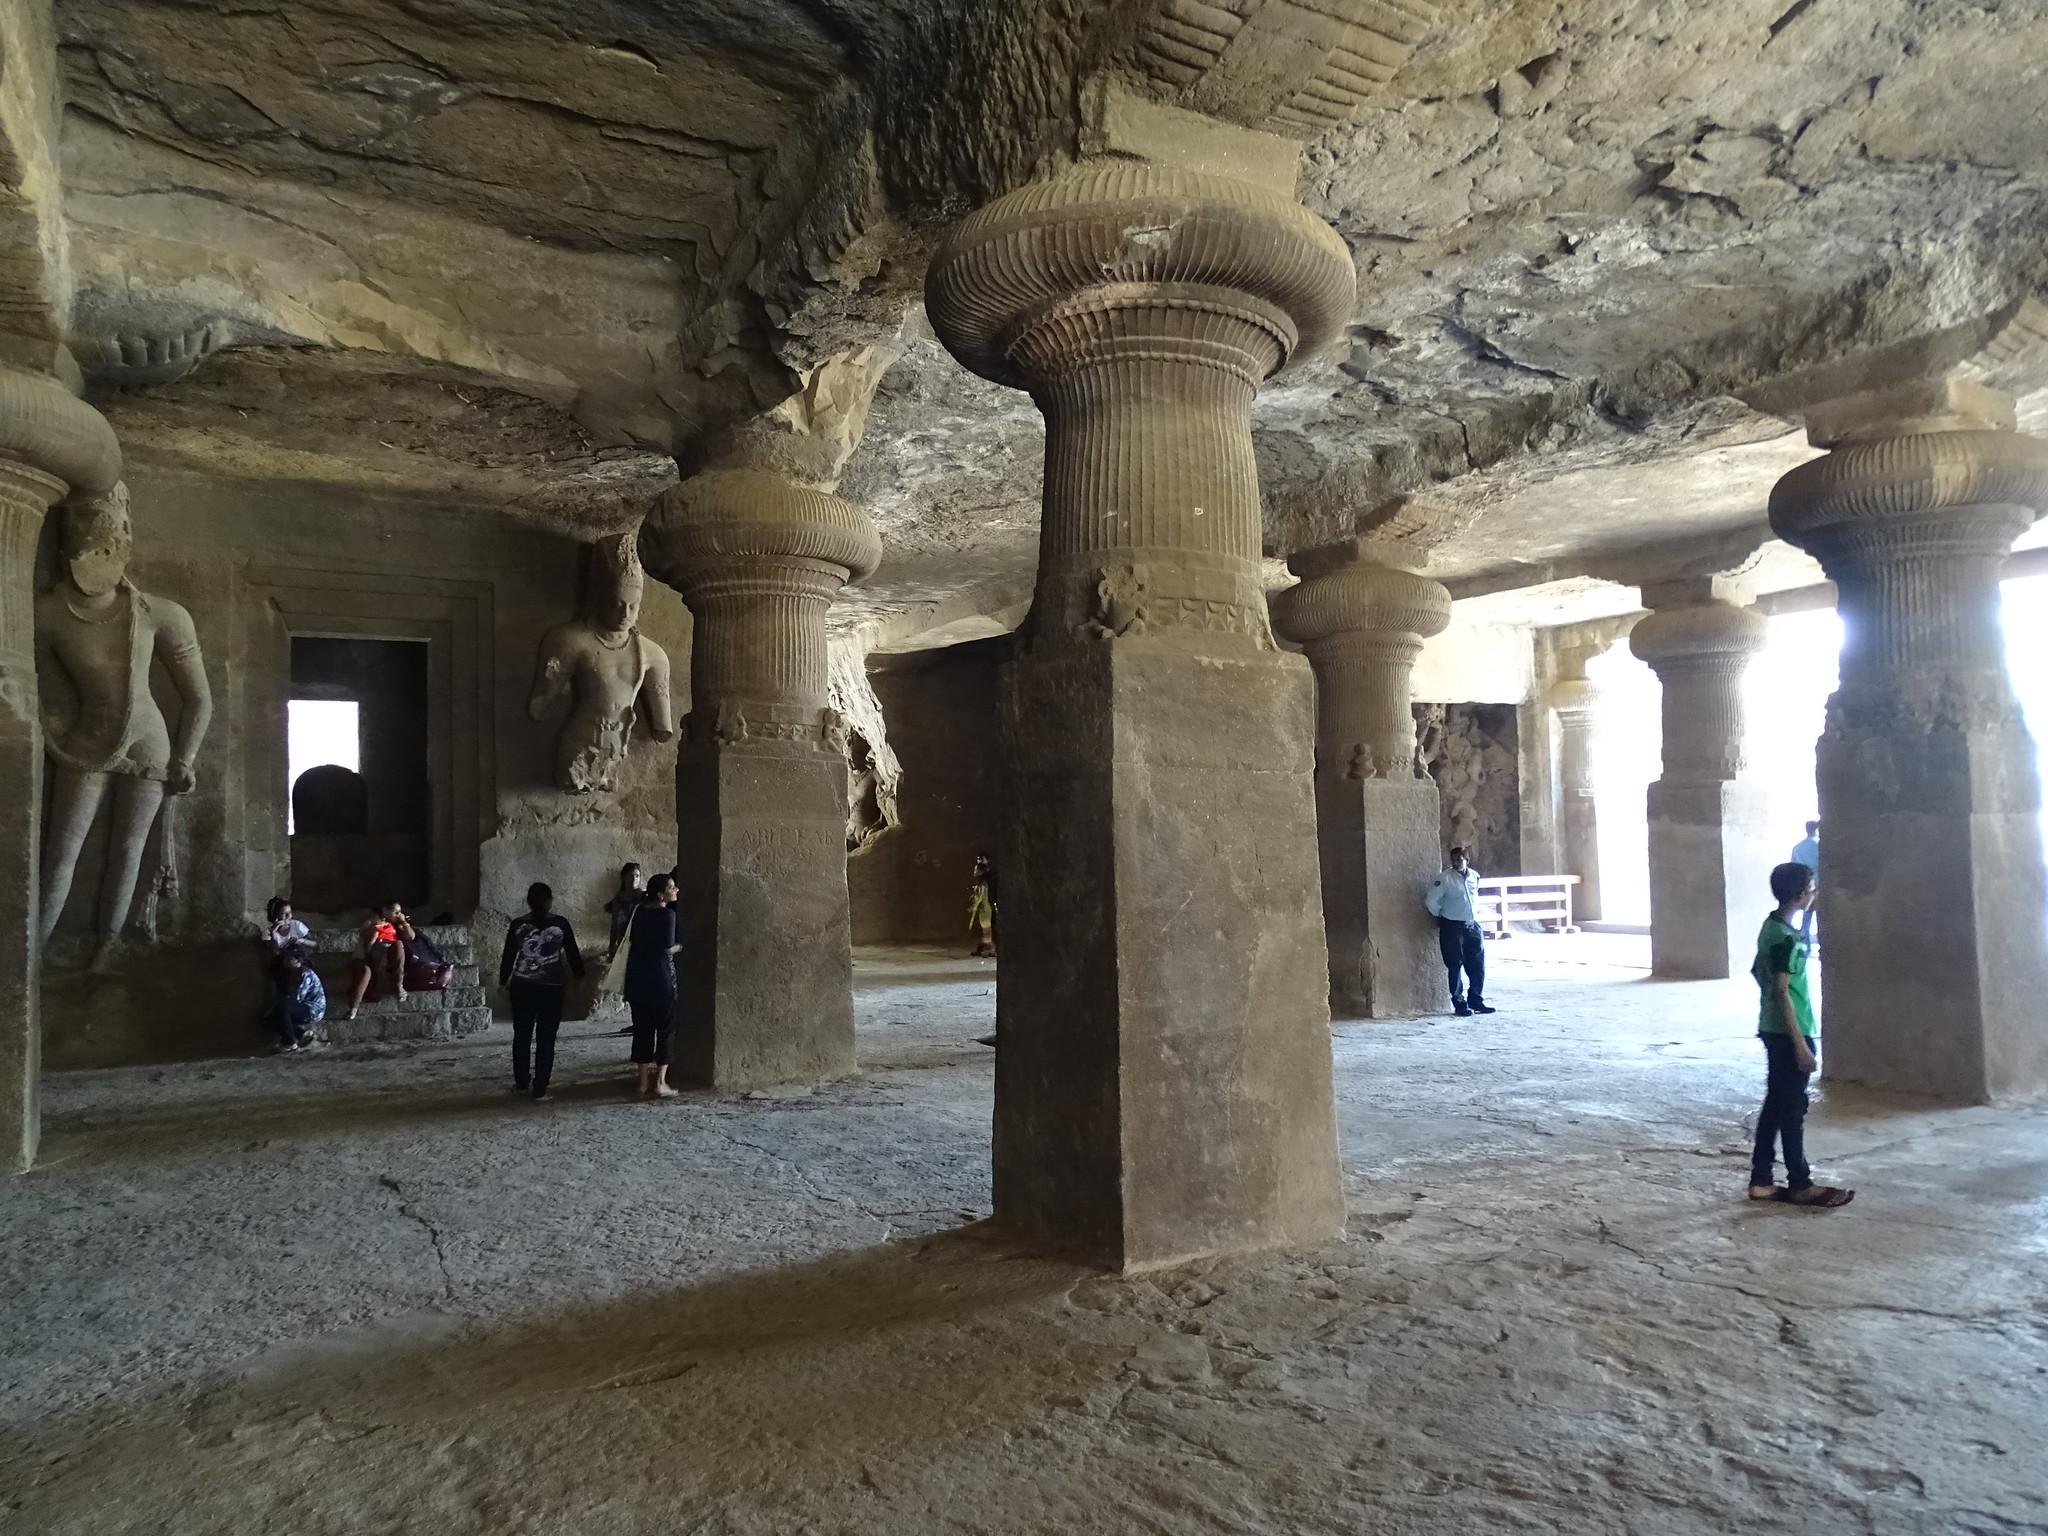 The Elephanta Caves Experience